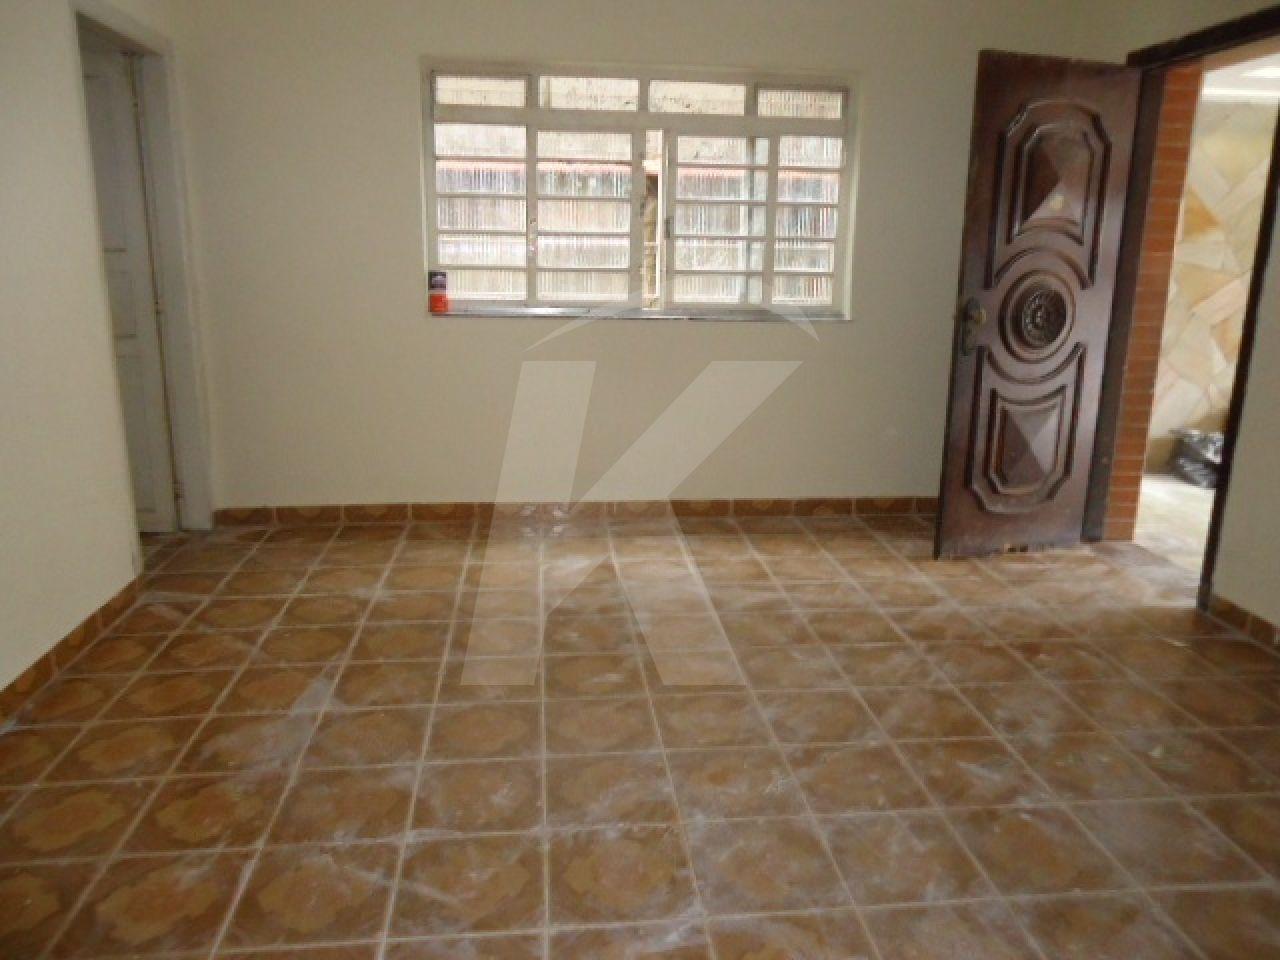 Sobrado Vila Gustavo - 3 Dormitório(s) - São Paulo - SP - REF. KA7841